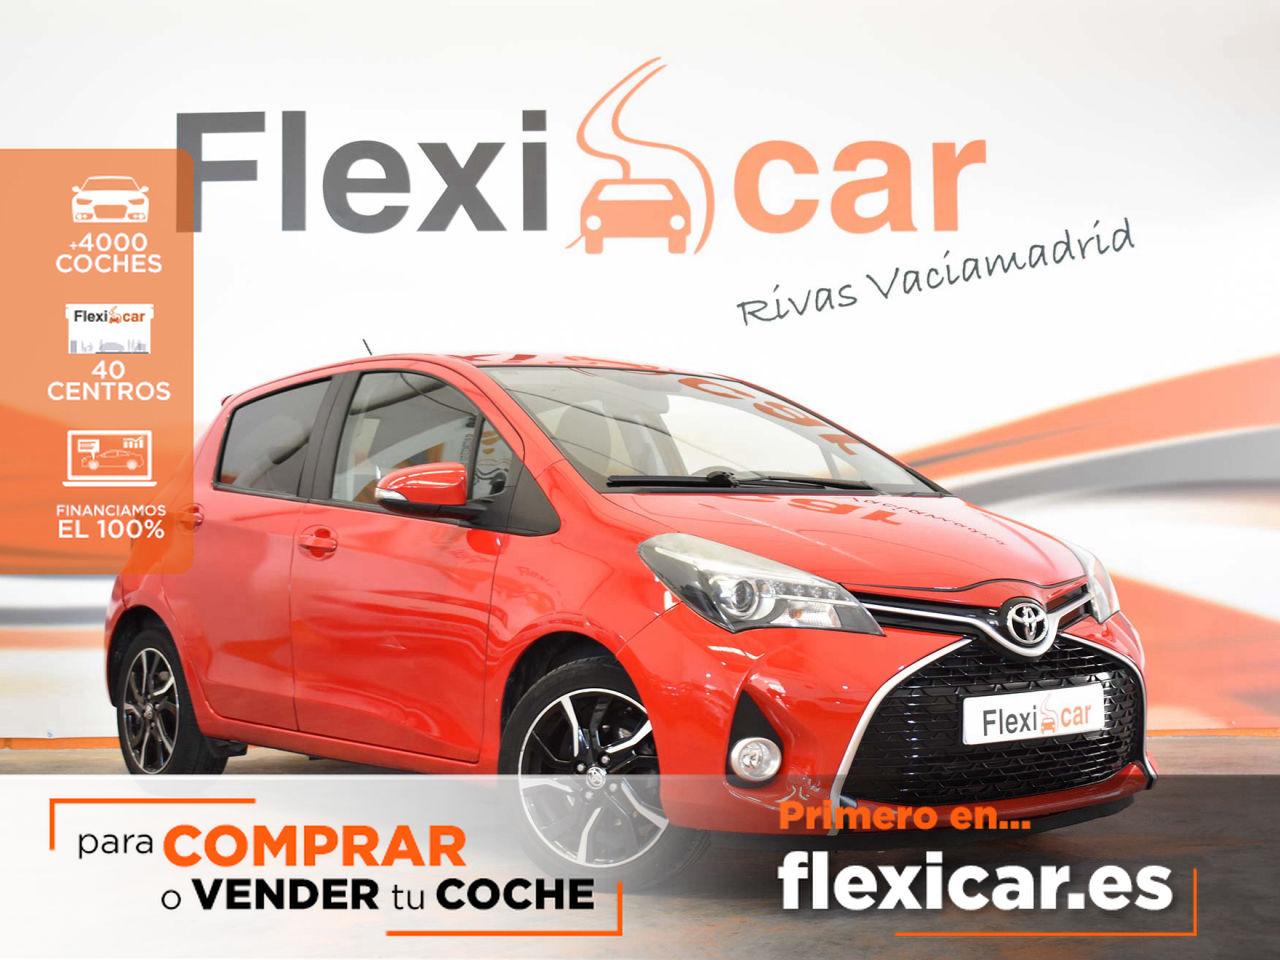 Toyota Yaris ocasión segunda mano 2016 Gasolina por 10.490€ en Huelva